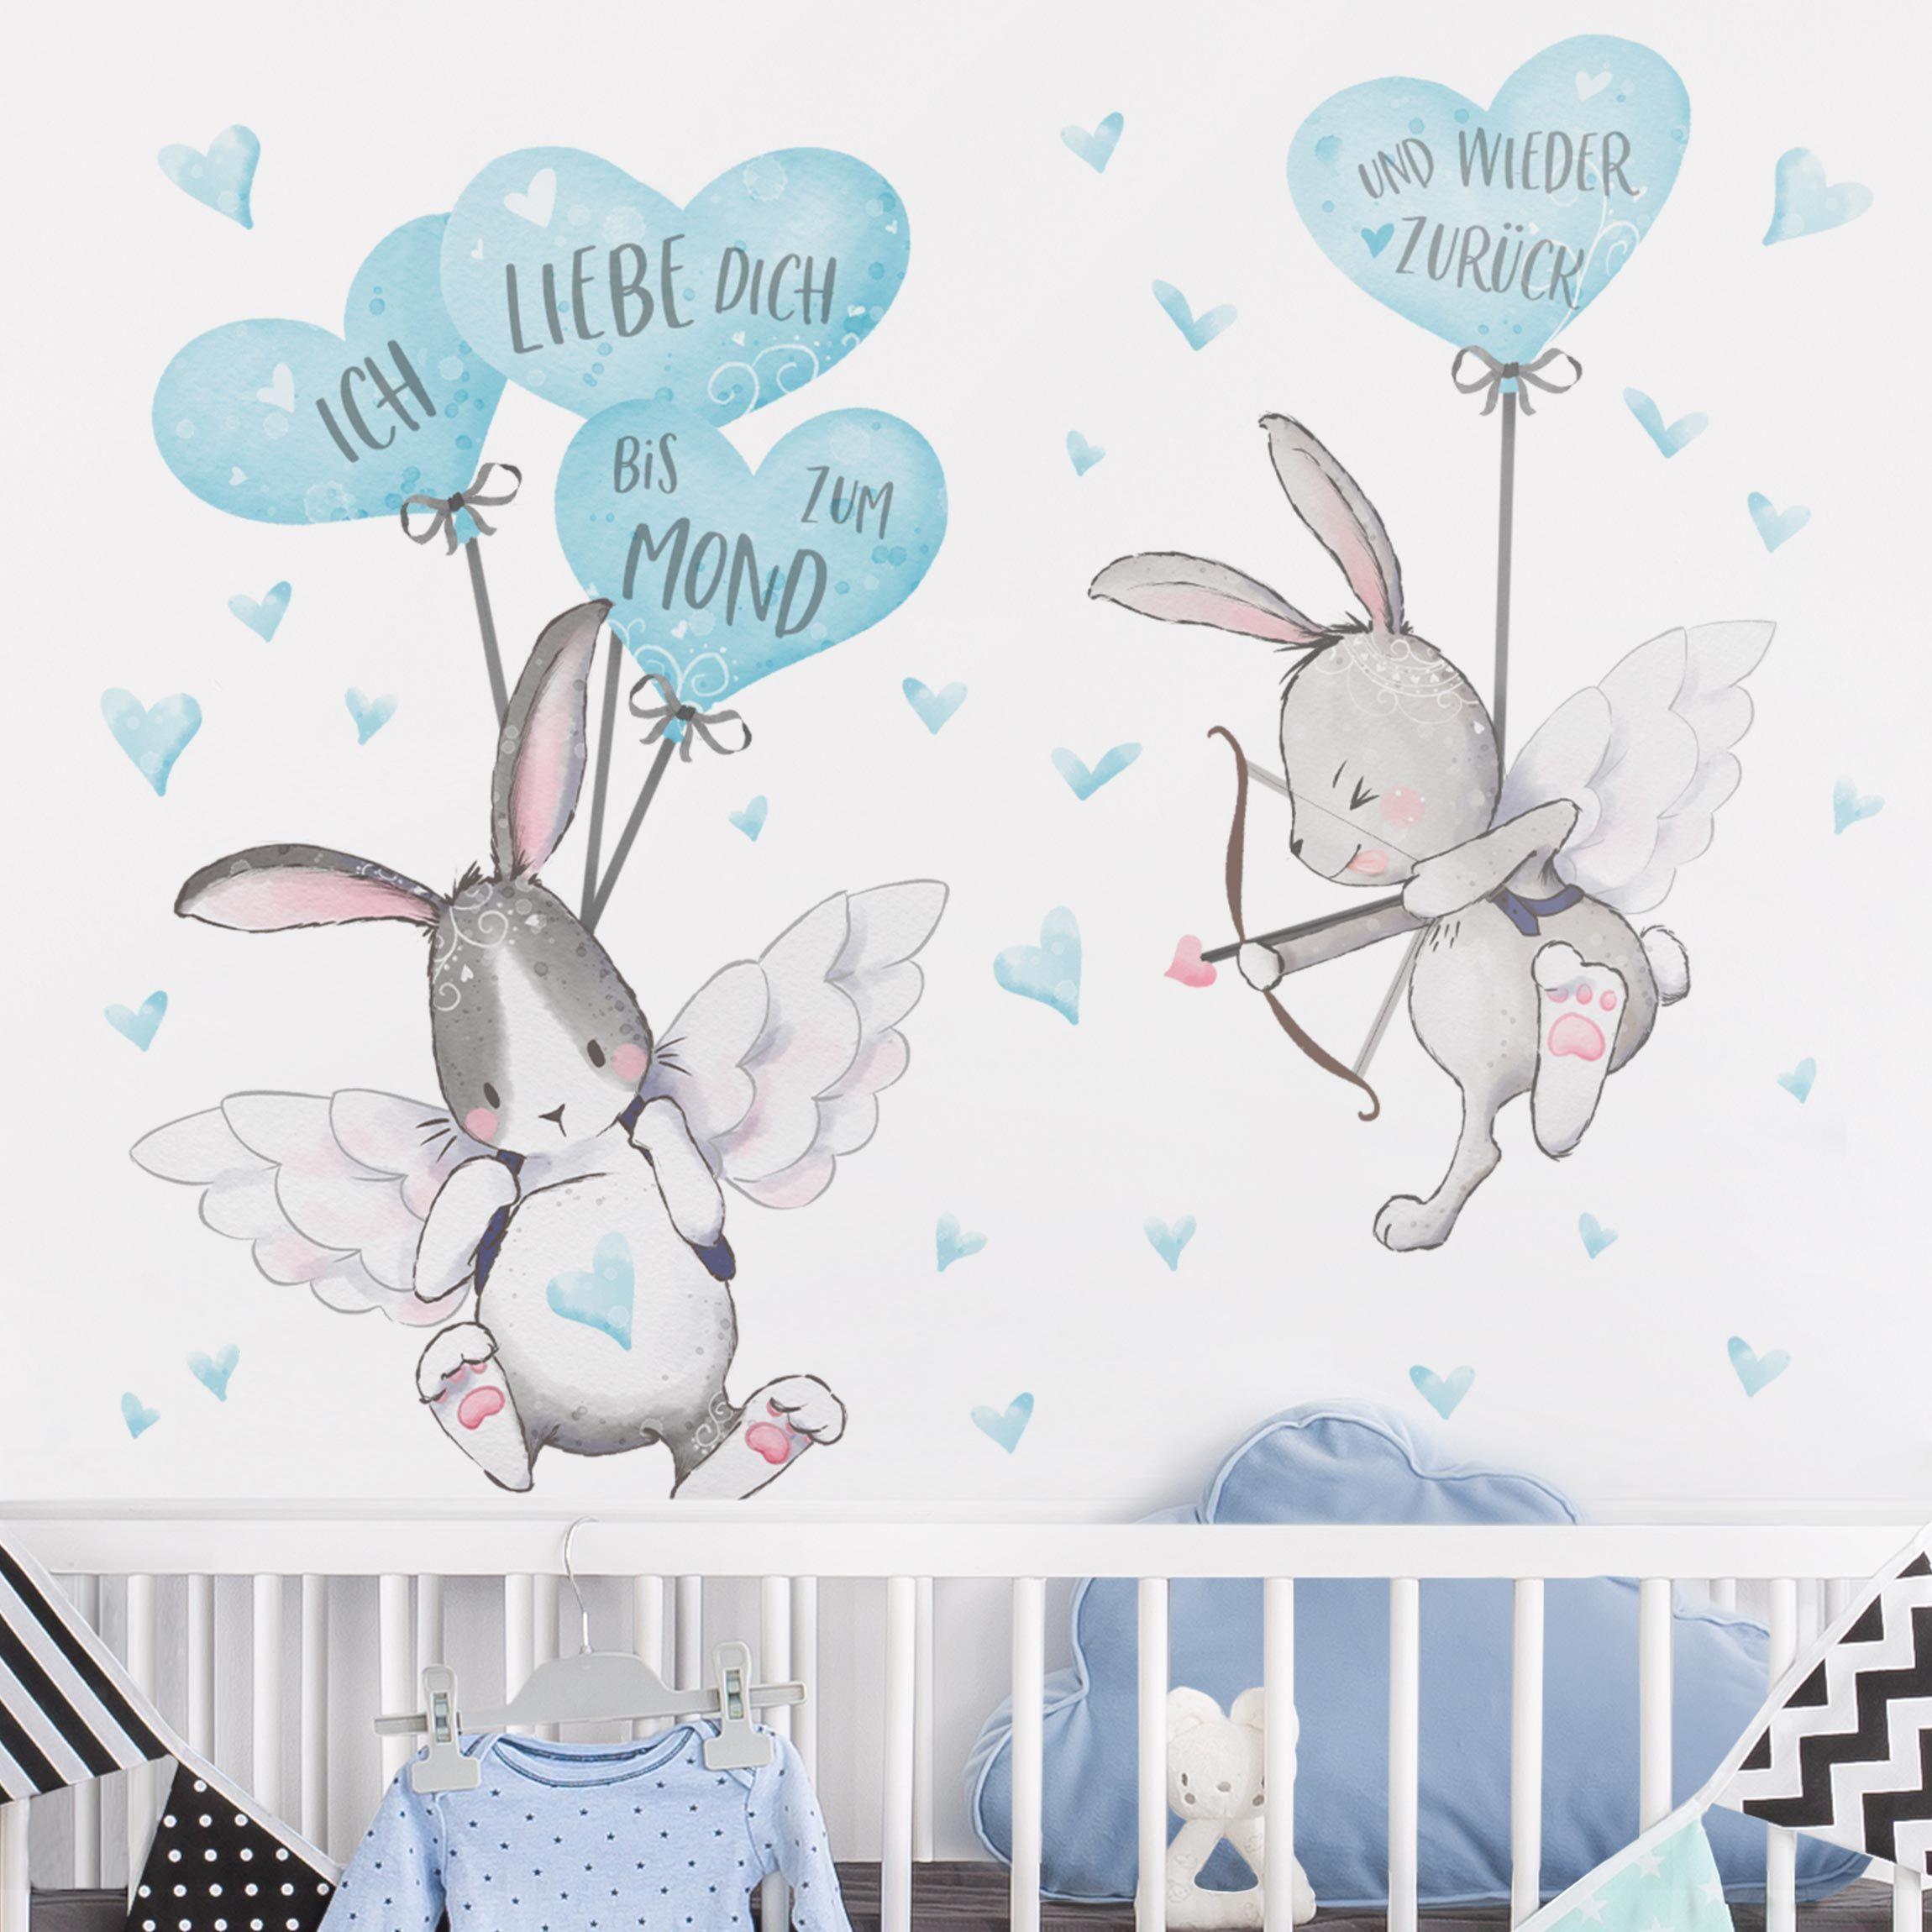 Wandtattoo Ich Liebe Dich Hasen Blau In 2020 Wandtattoo Kinderzimmer Wandtattoo Babyzimmer Wandgestaltung